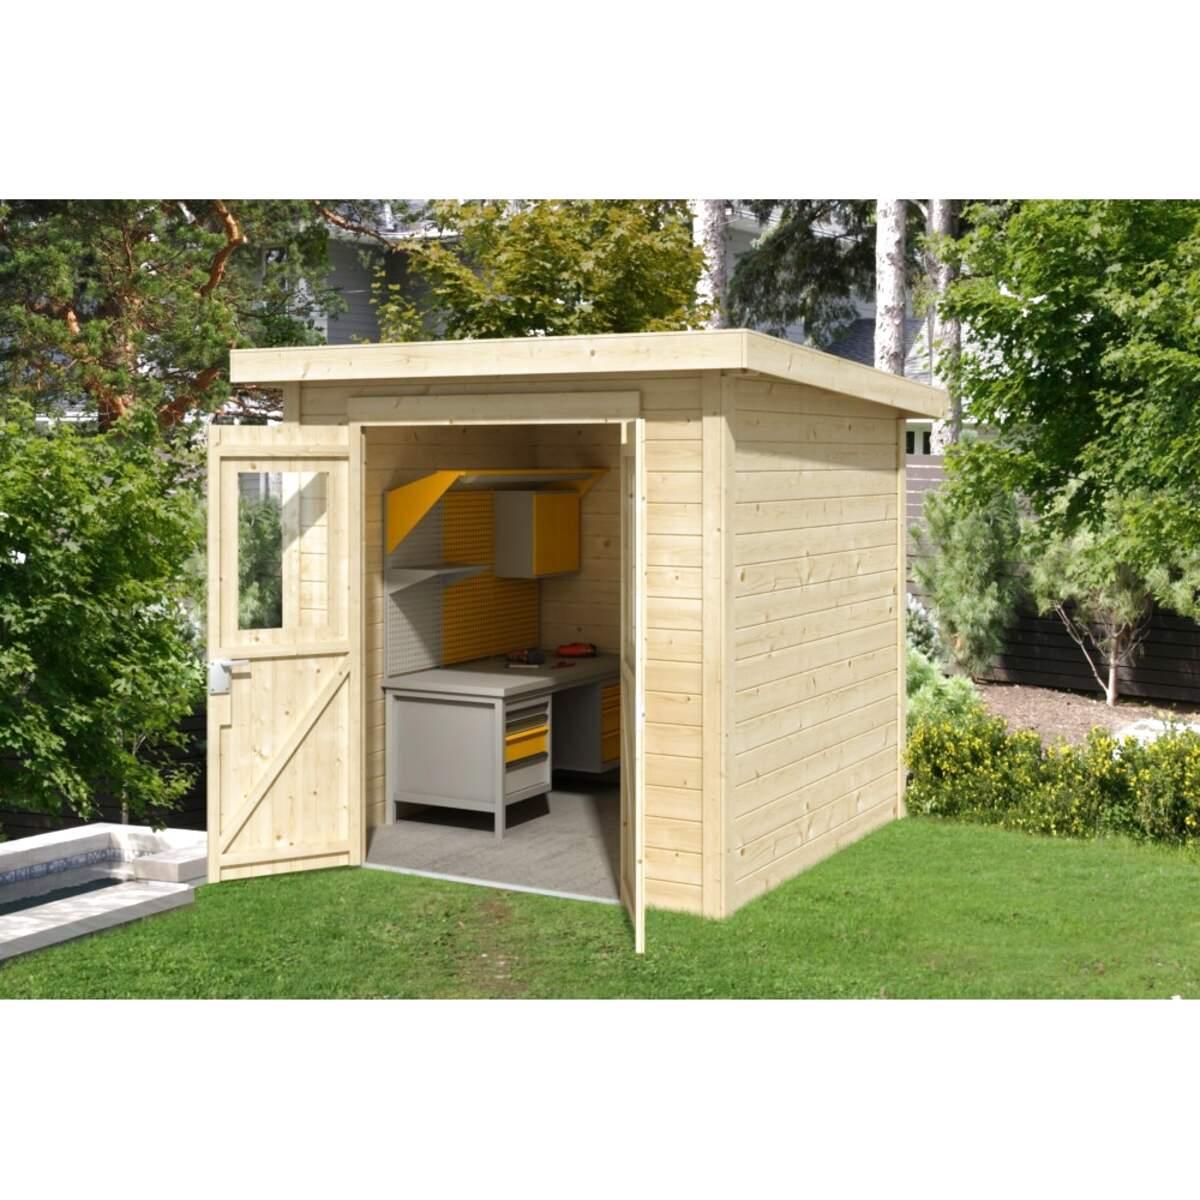 Abris Jardin D'occasion En Belgique (61 Annonces) pour Cabane De Jardin Occasion